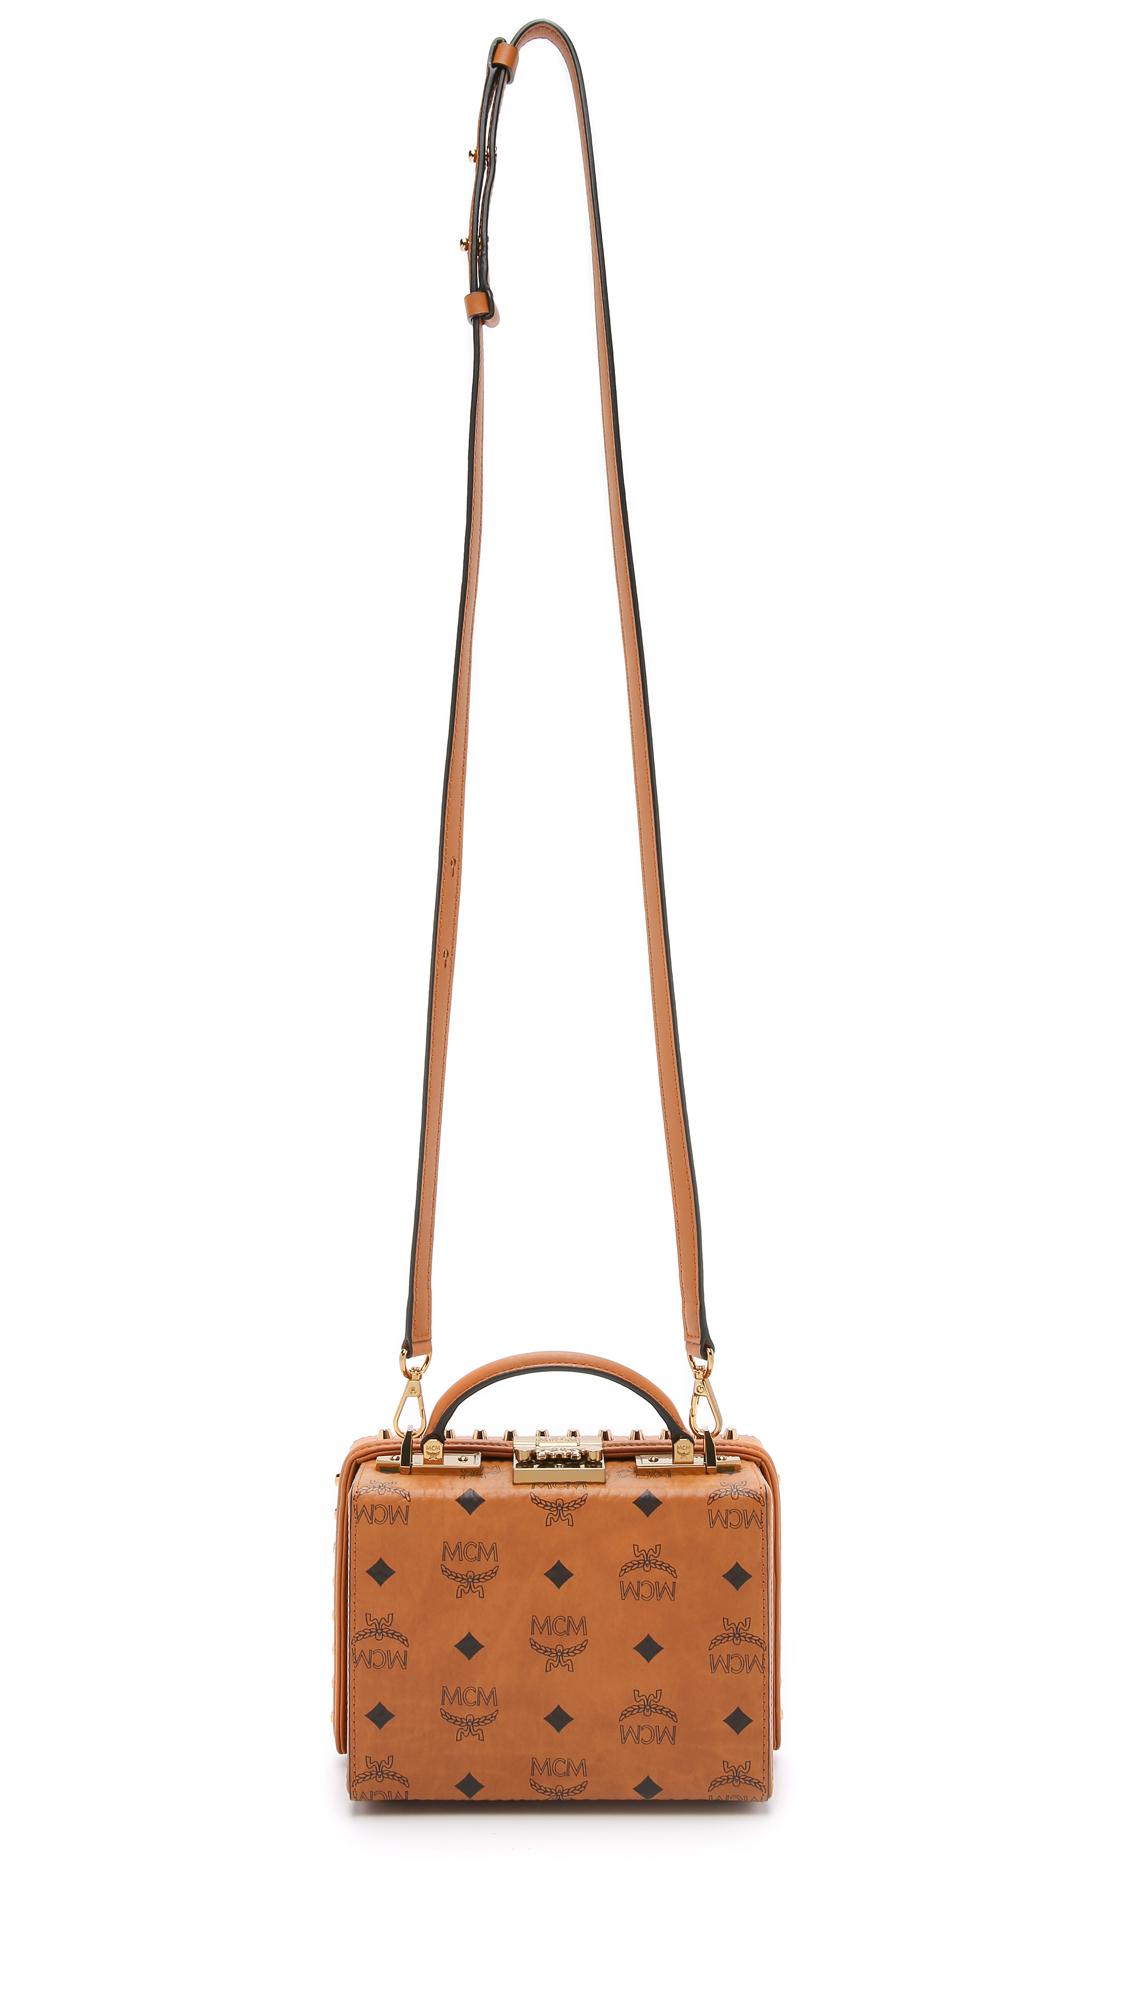 MCM Women's Handbags & Wallets - Bloomingdale's